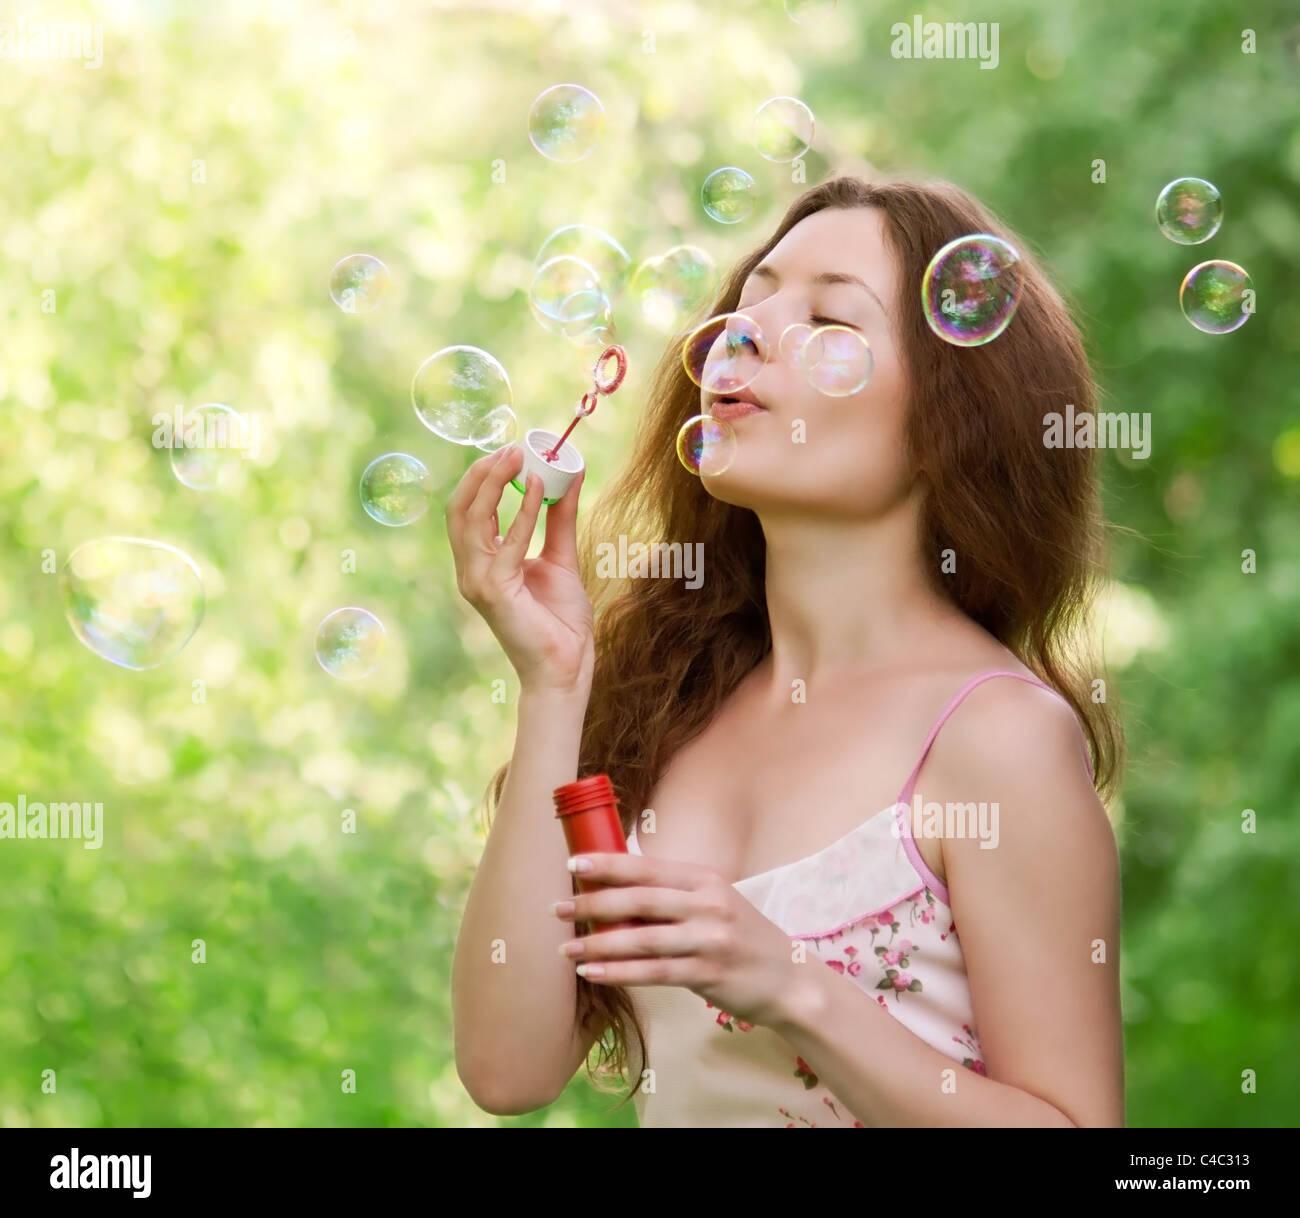 Giovane bella ragazza a soffiare bolle nel parco su sfondo verde Immagini Stock